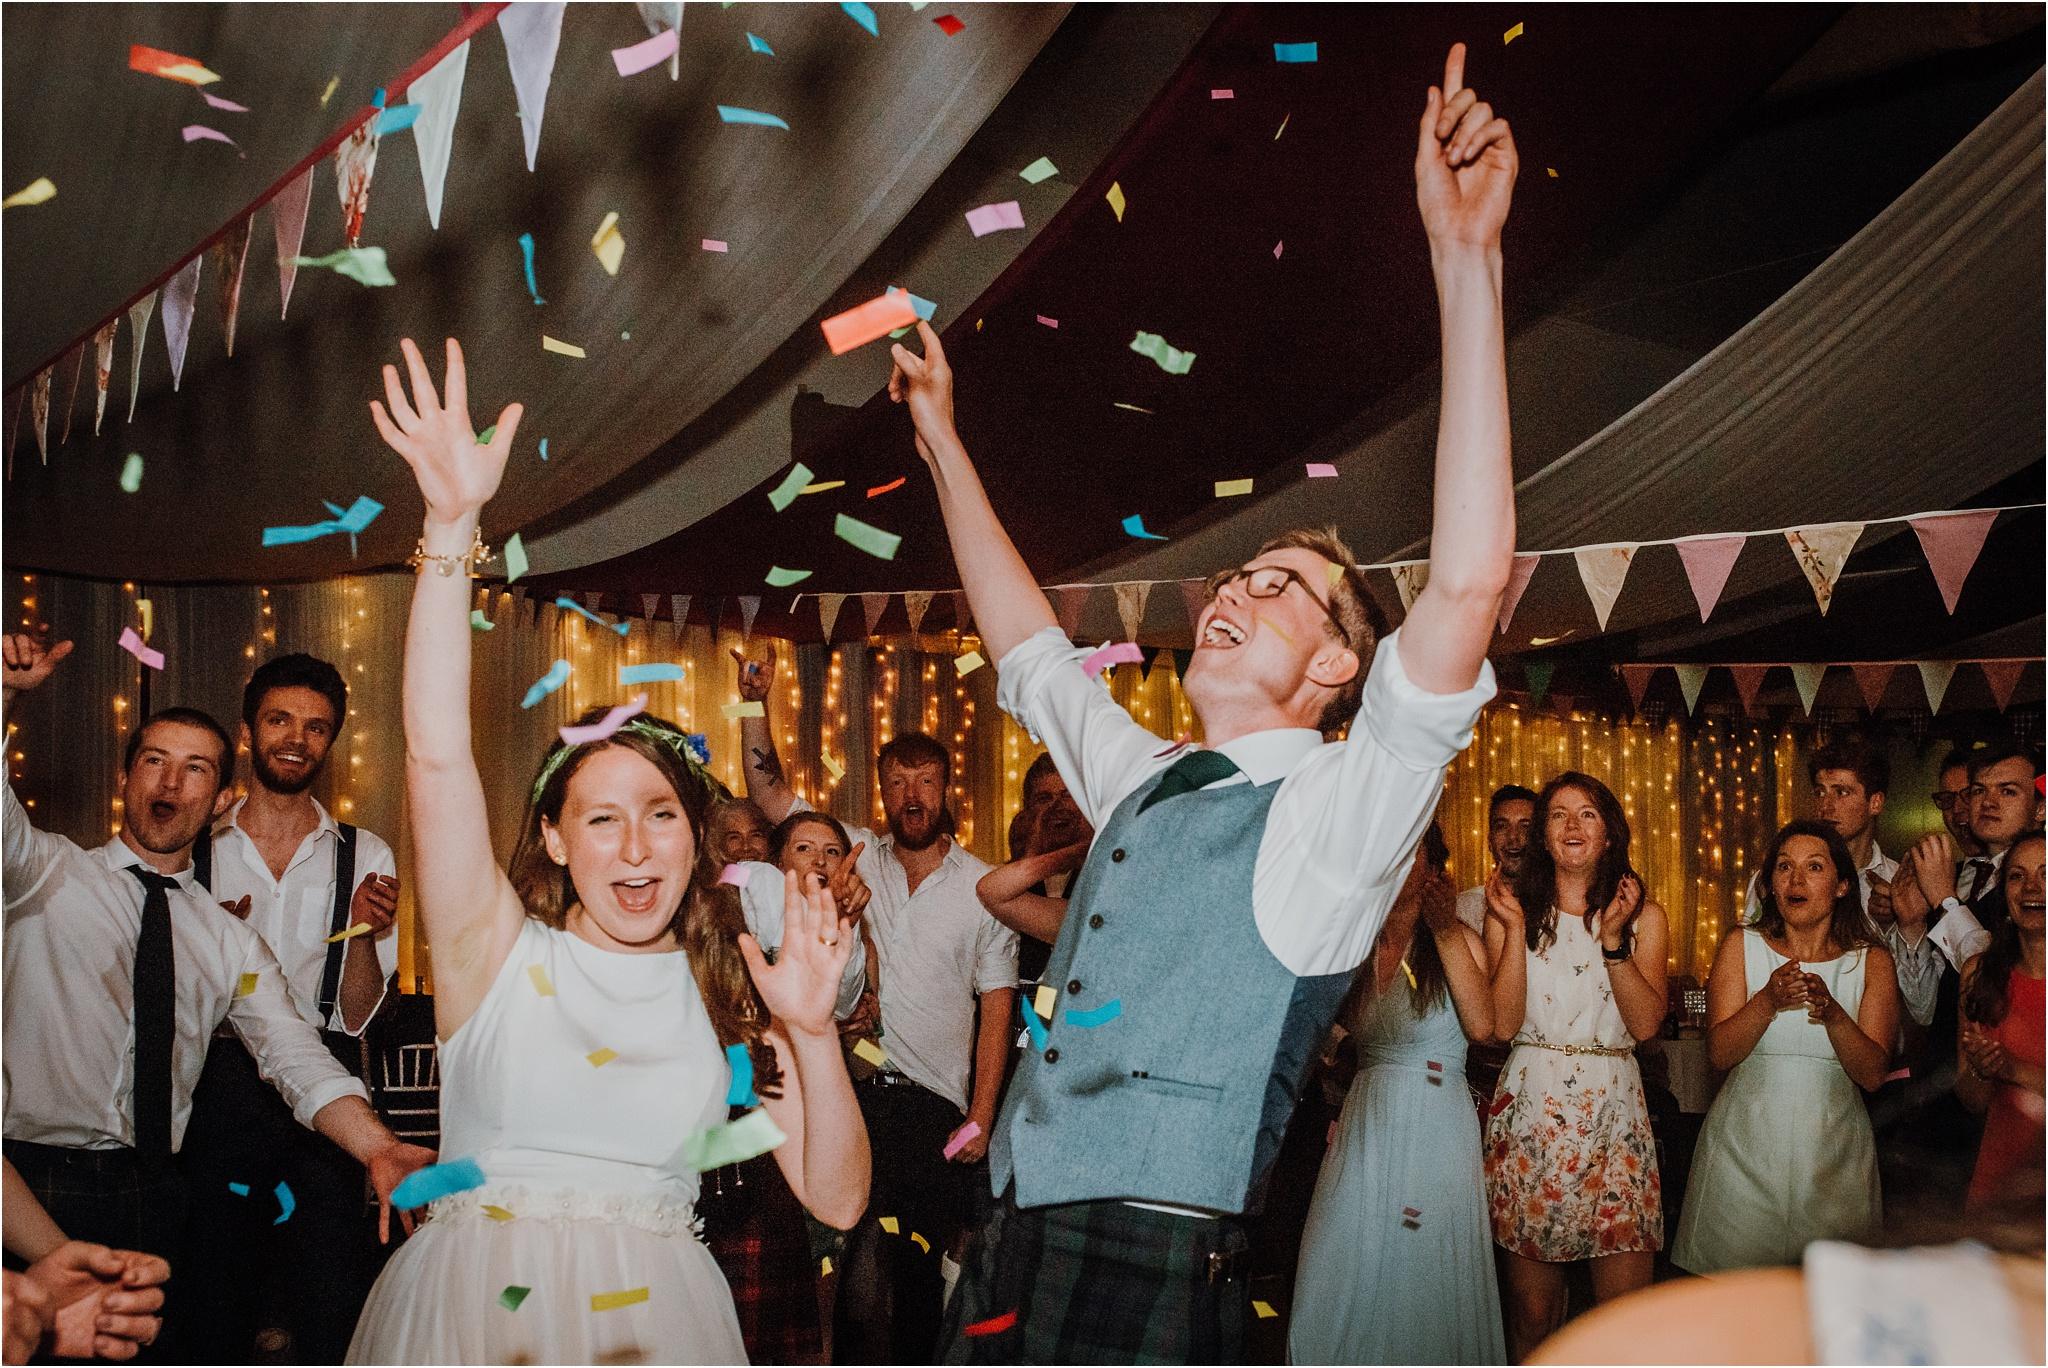 Edinburgh-barn-wedding-photographer_120.jpg